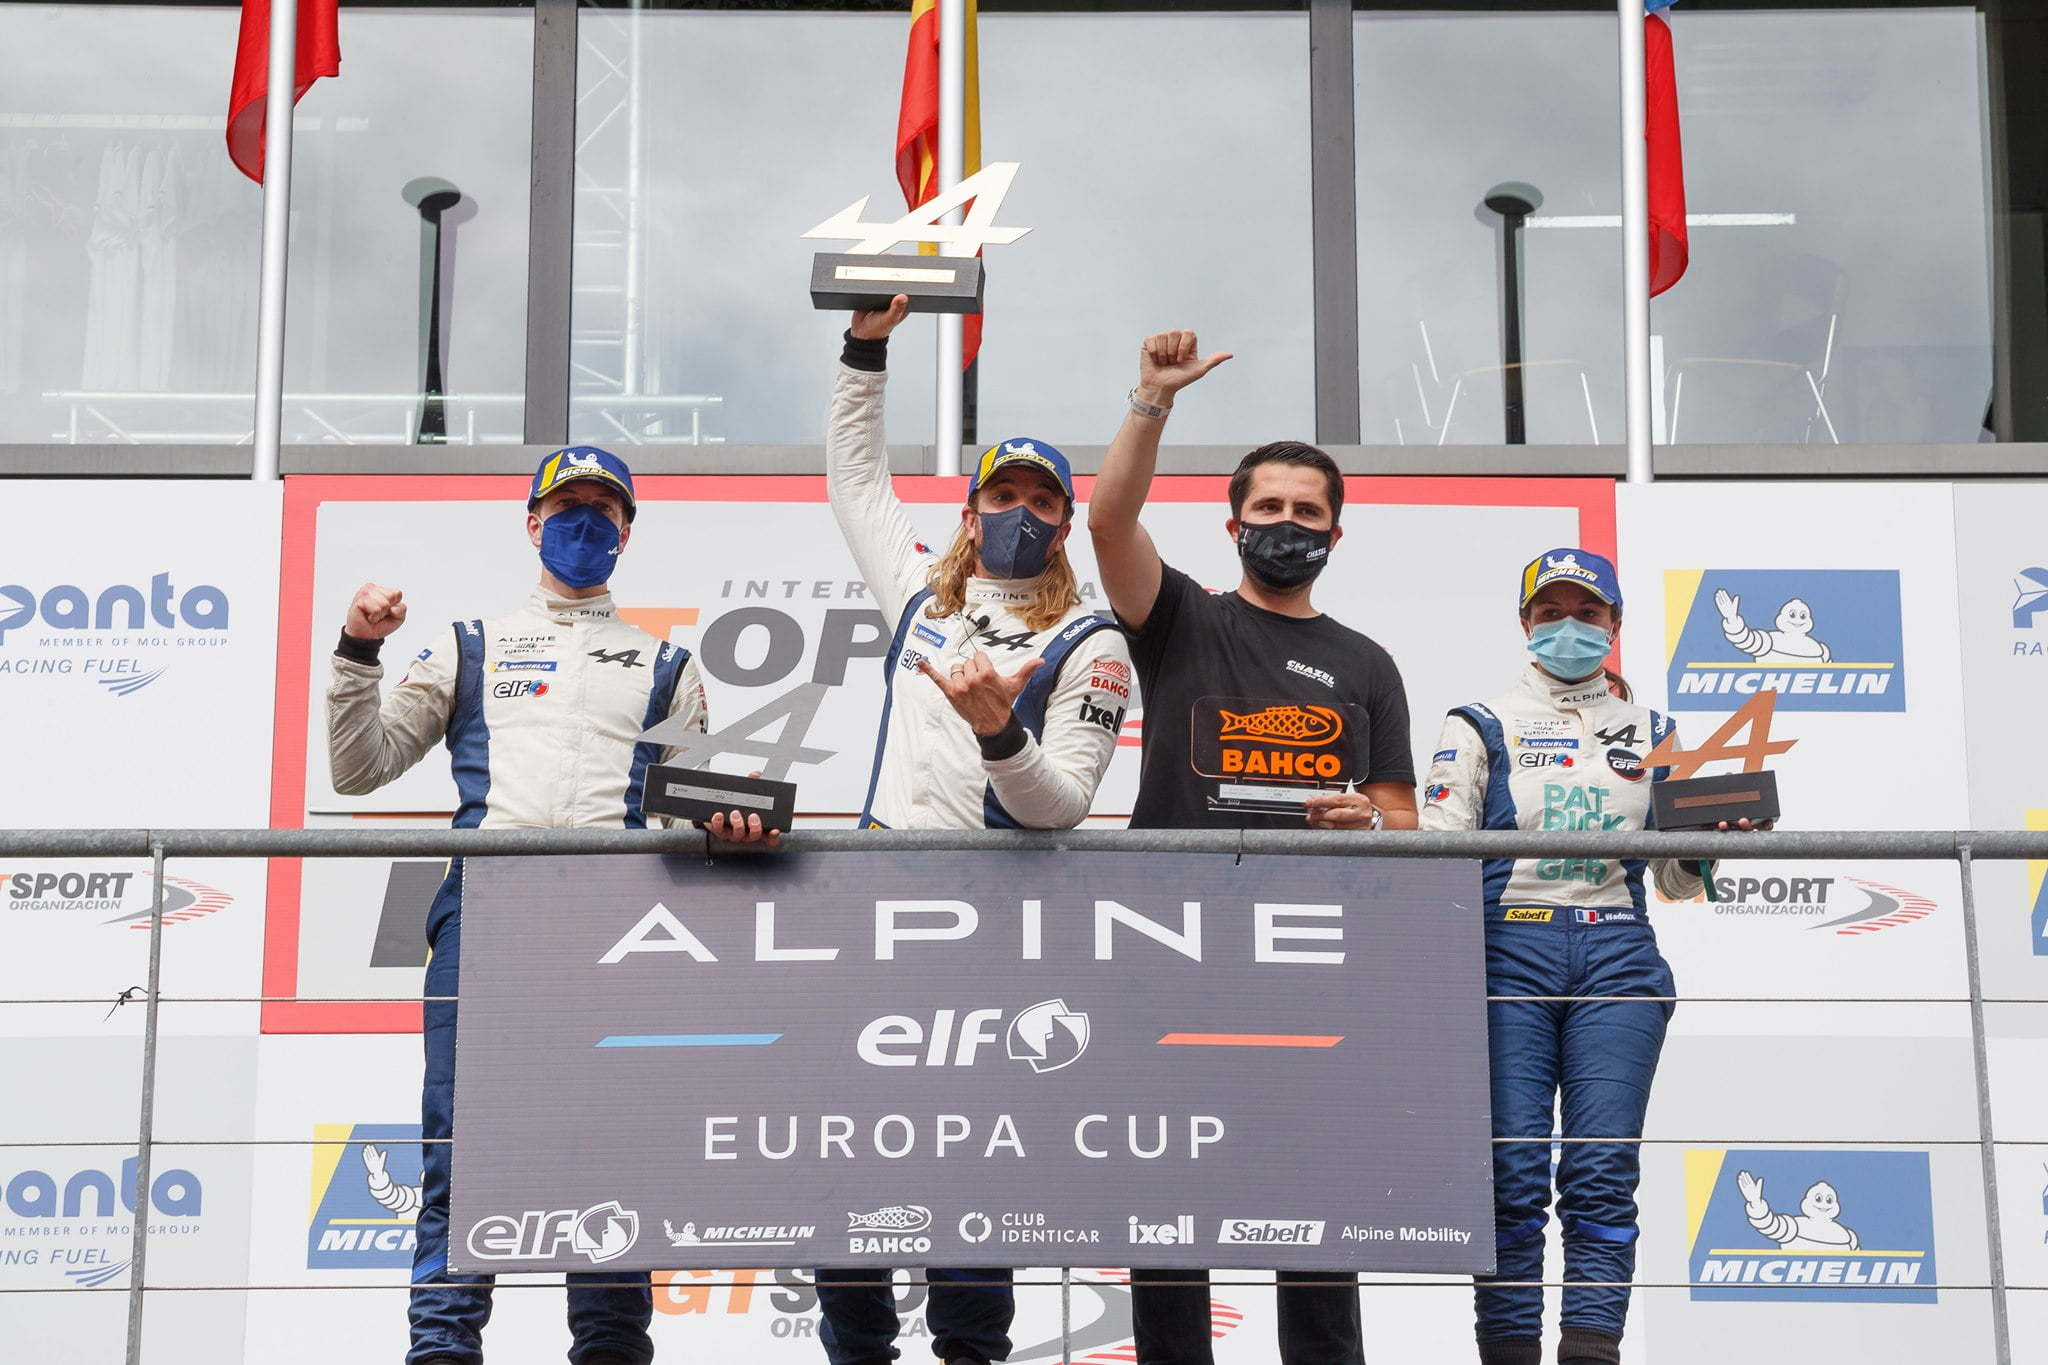 Alpine Elf Europa Cup Spa Francorchamps 2021 17 | Alpine Elf Europa Cup 2021 : Laurent Hurgon et Dani clos victorieux à Spa-Francorchamps